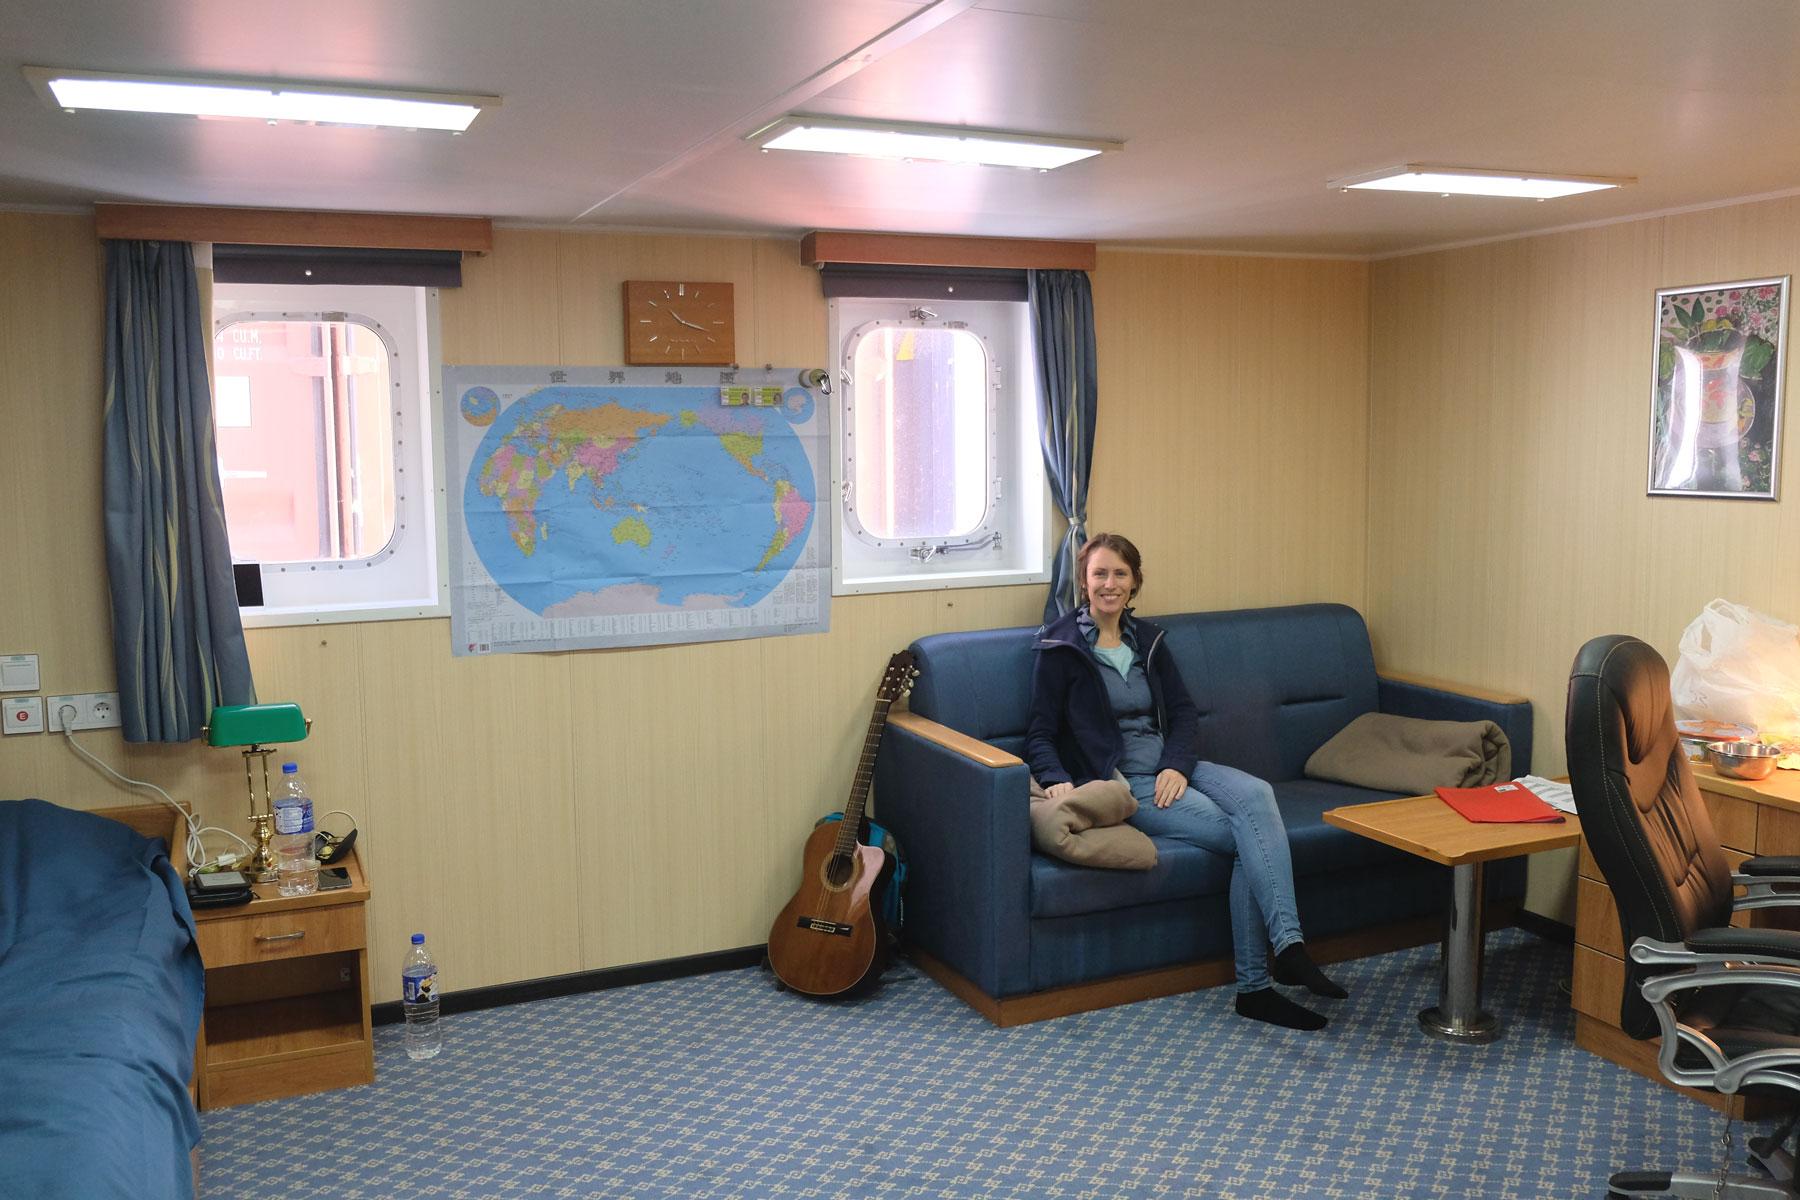 Leo sitzt in der Passagierkabine eines Frachtschiffs auf dem Sofa.